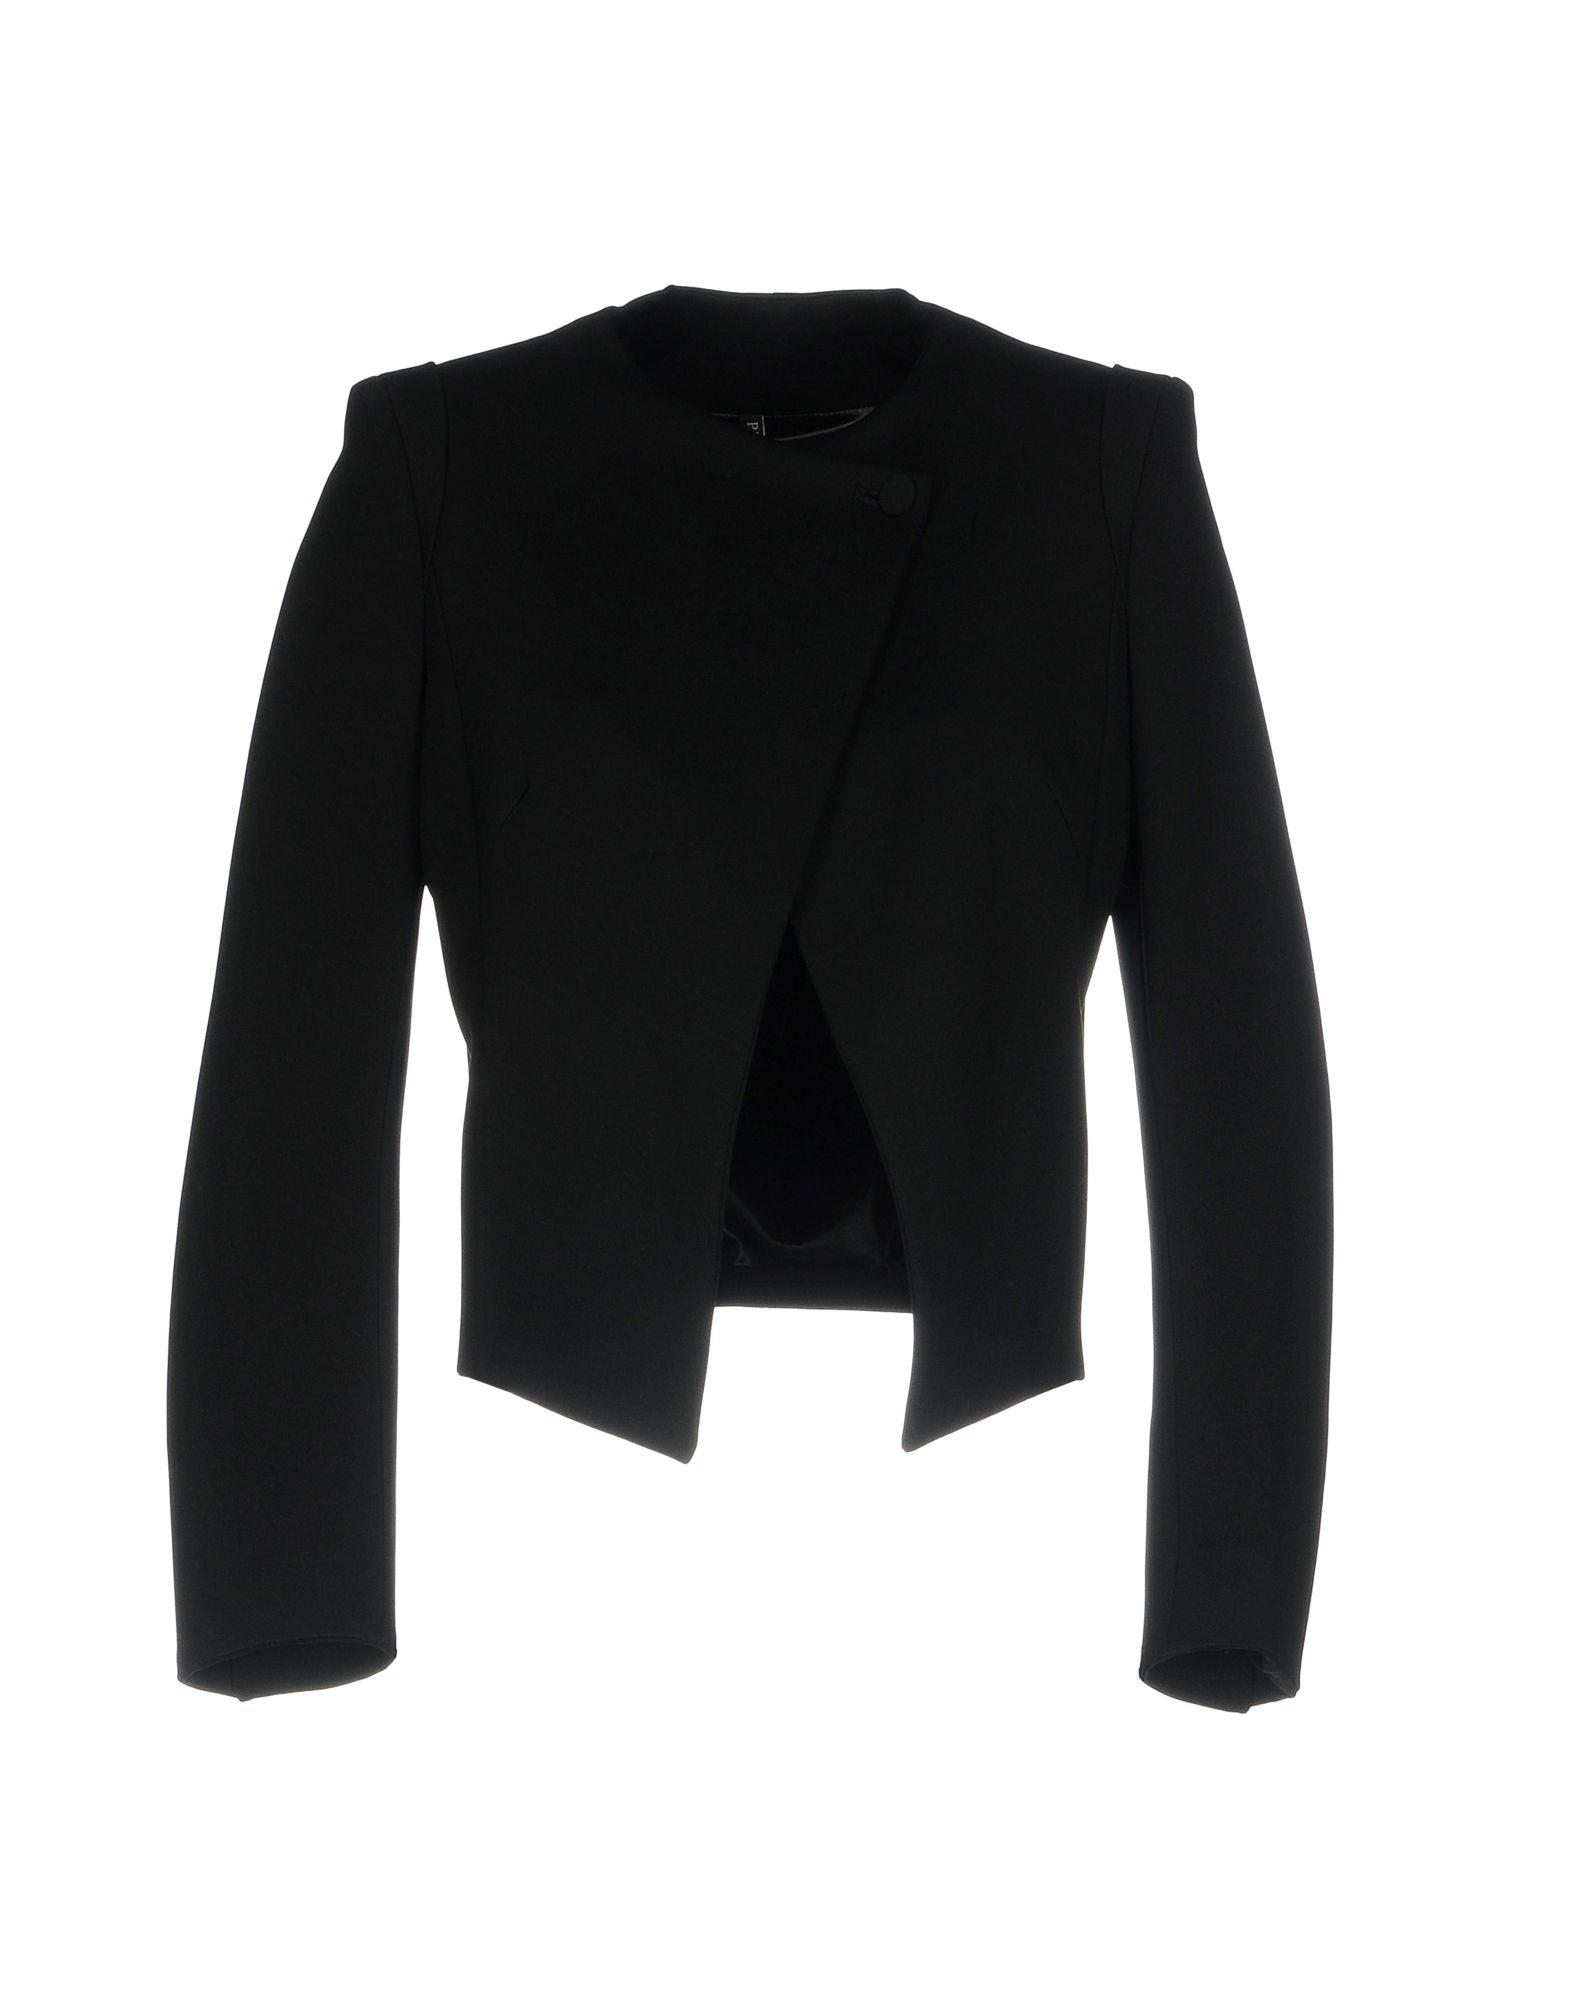 PLEIN SUD JEANIUS Blazer in Black